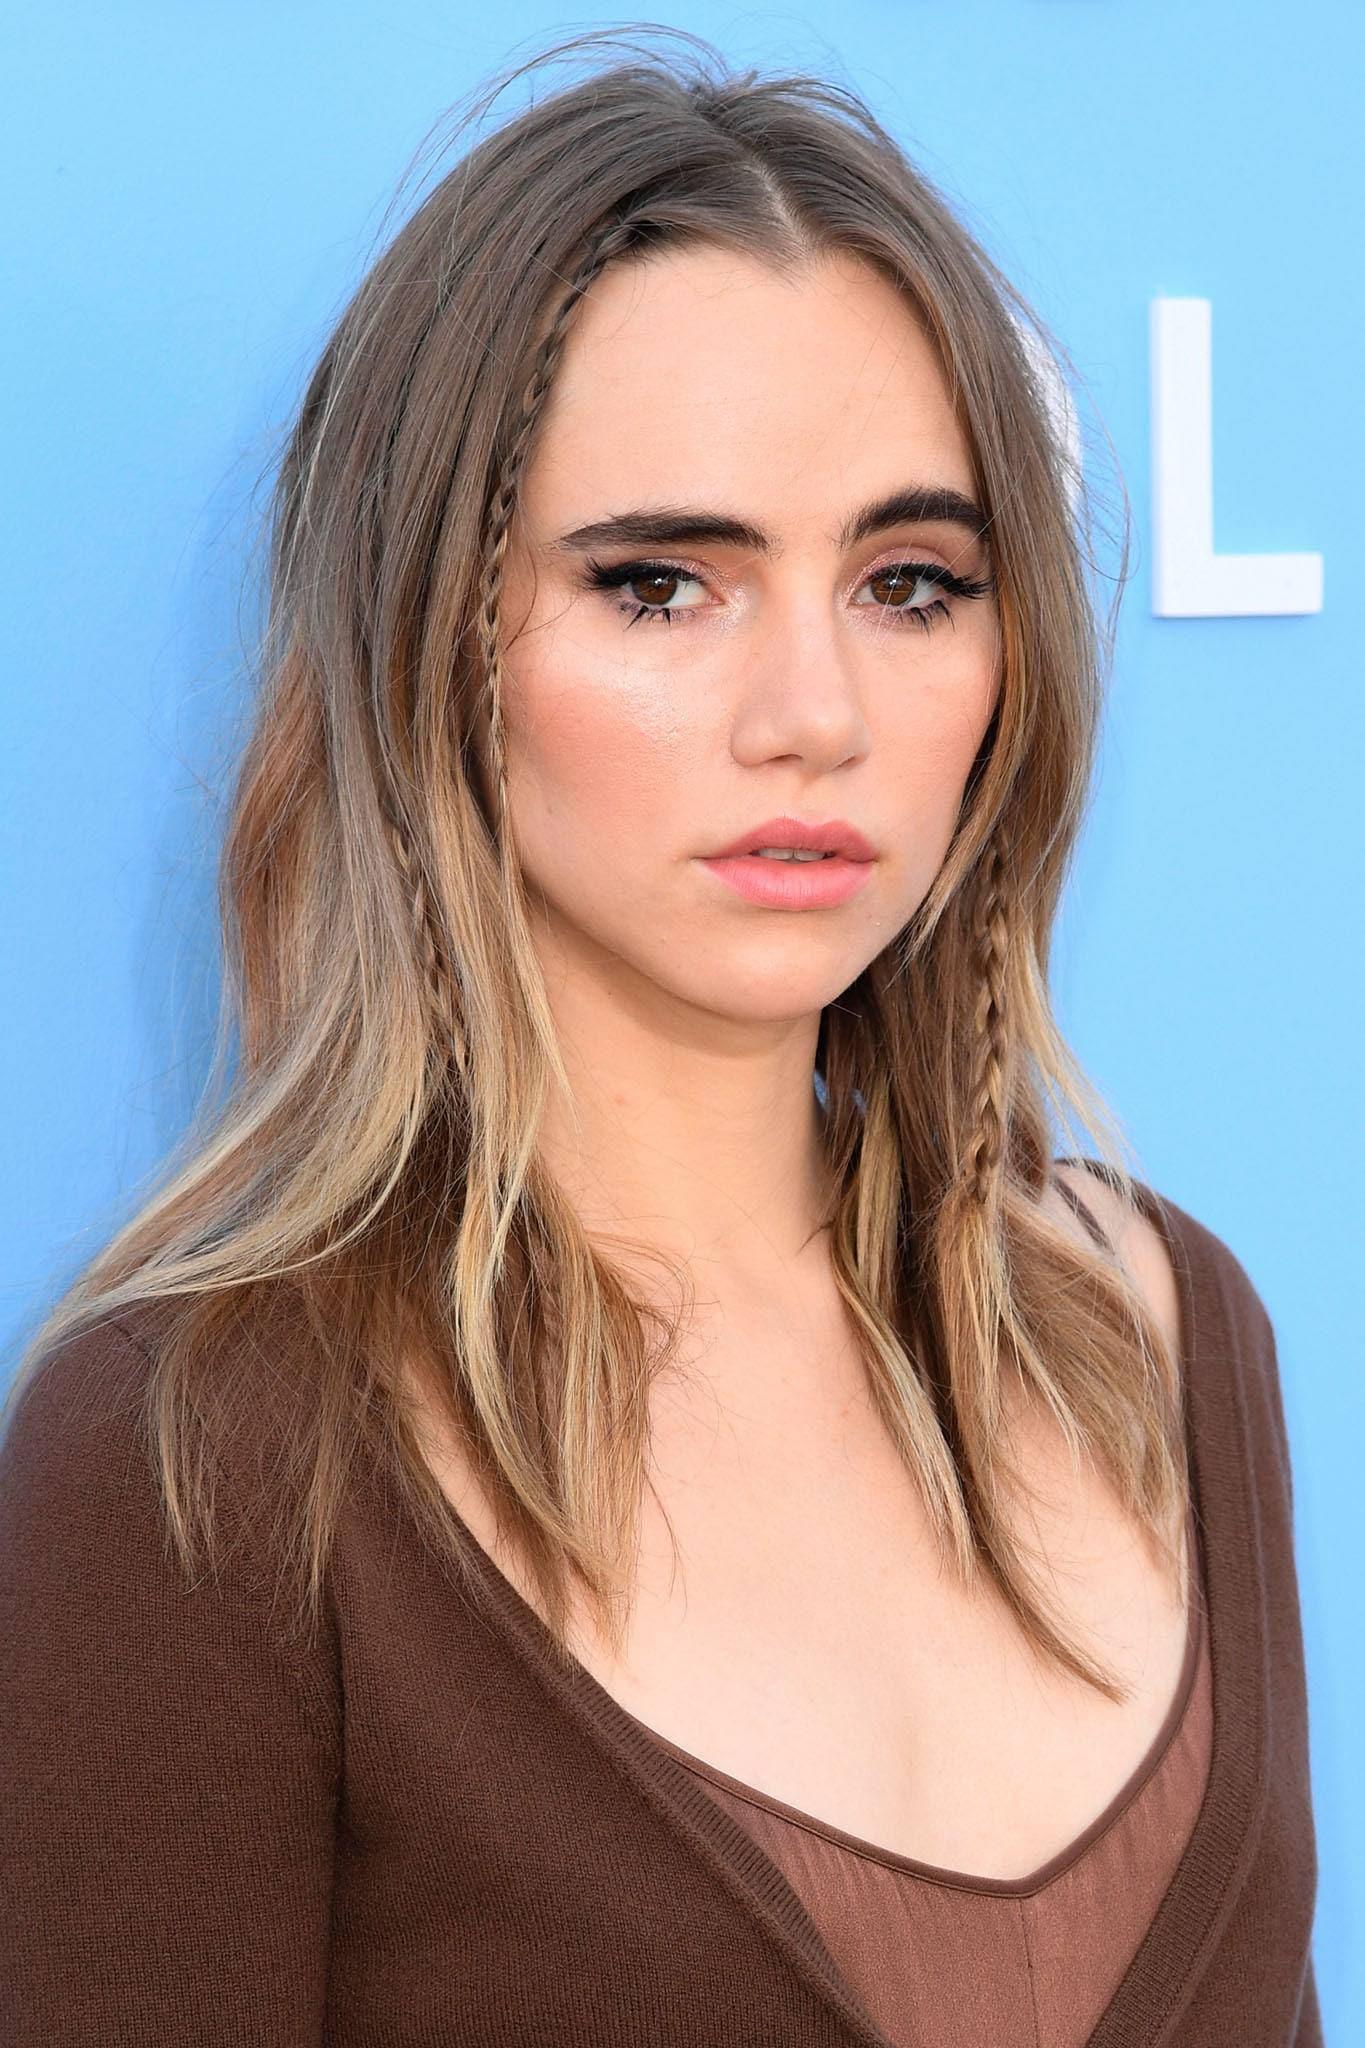 Extremadamente atractivo peinados rizados 2021 Galería de cortes de pelo estilo - Los 5 peinados primavera verano 2021 que vas a querer usar